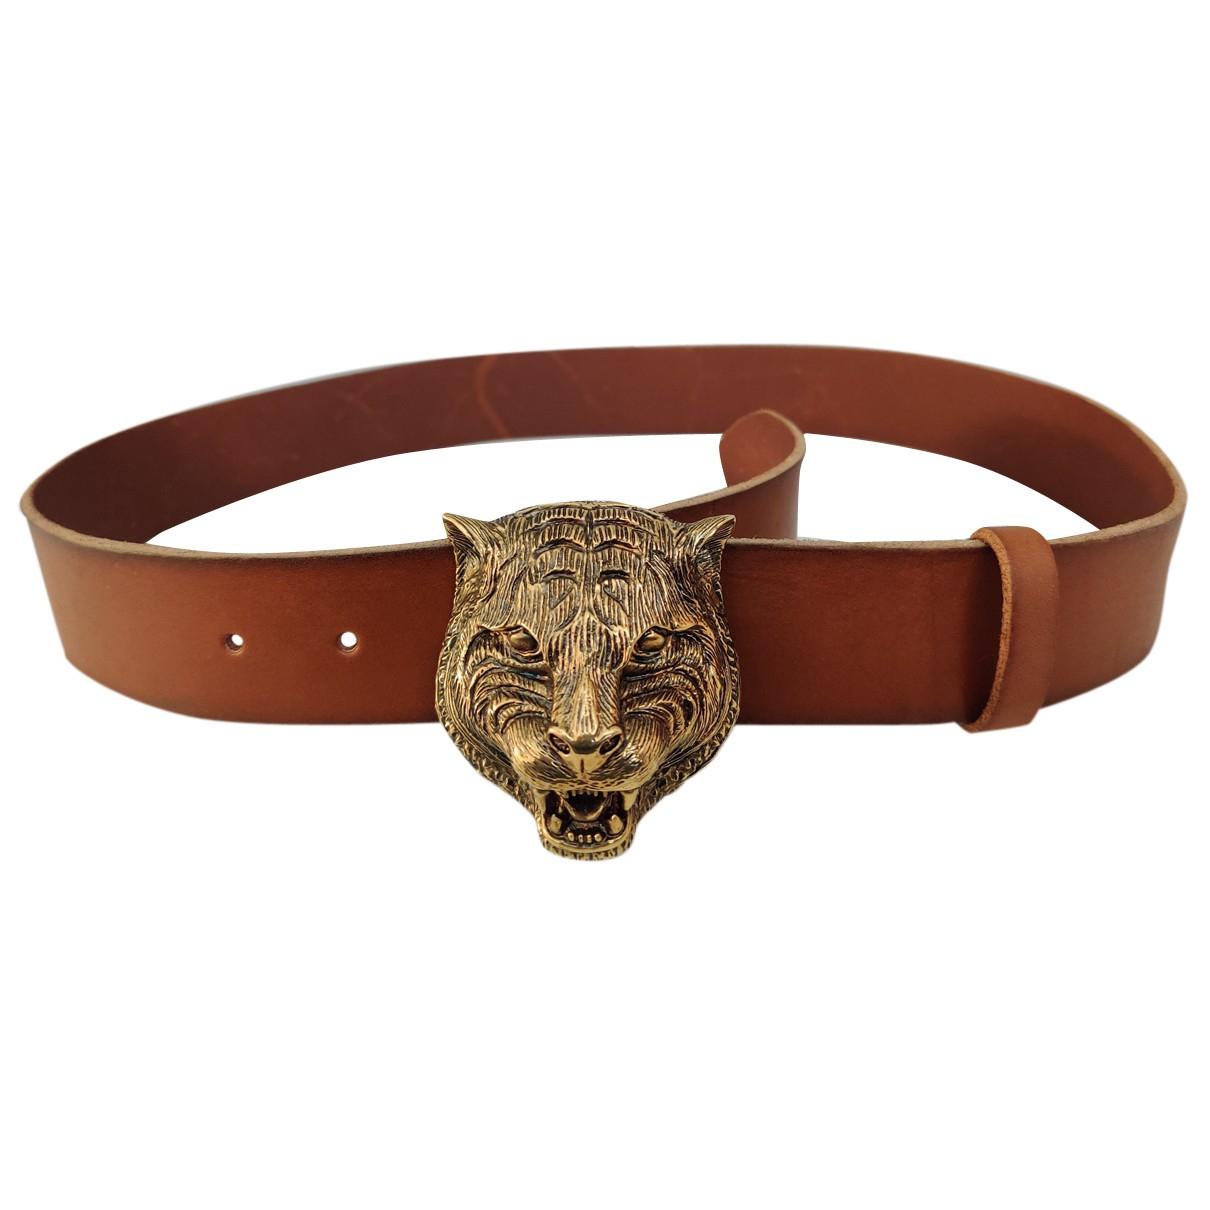 Gucci N Brown Leather belt for Men 90 cm